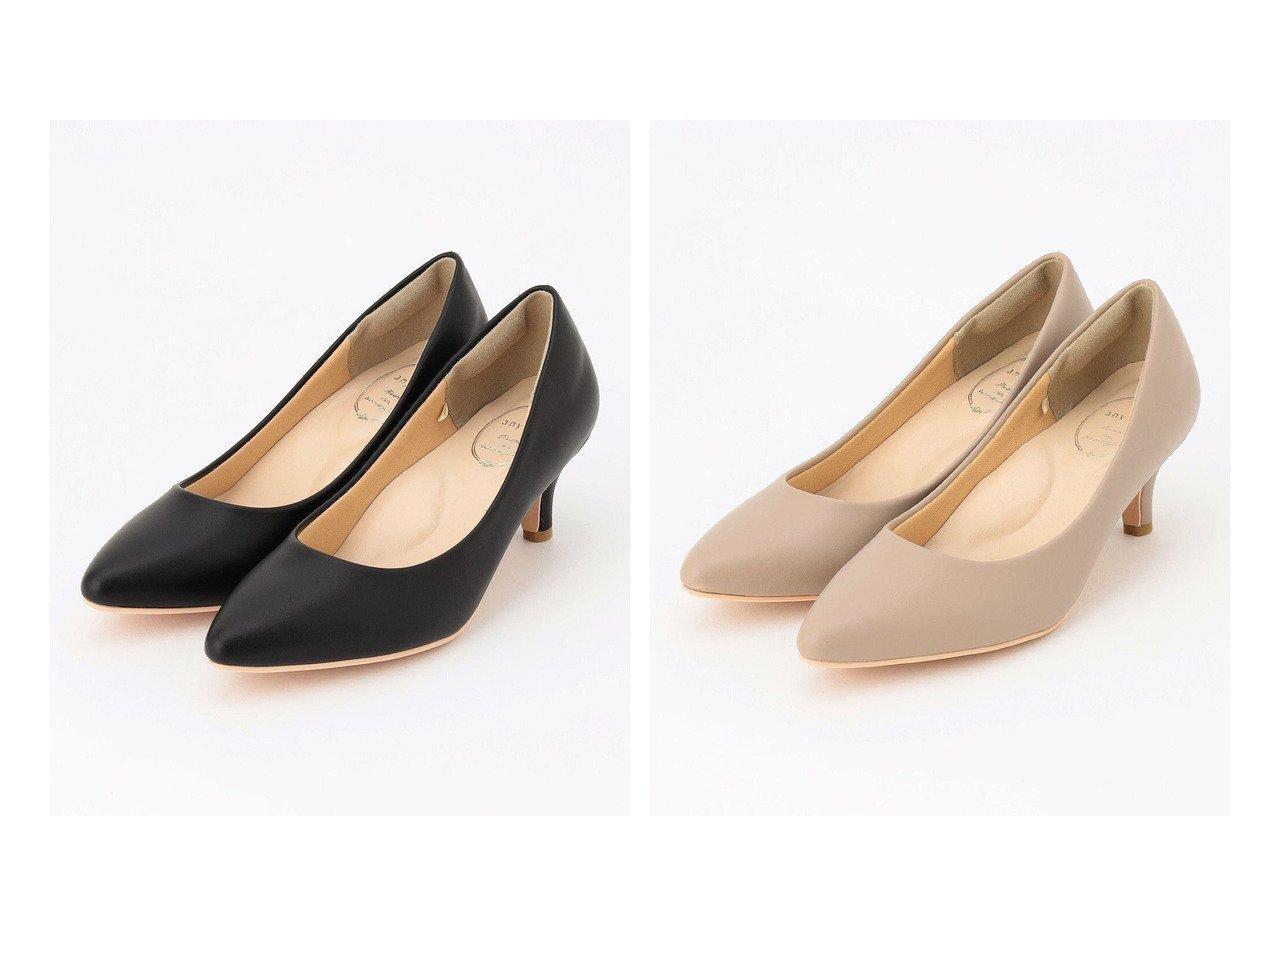 【any SiS/エニィ スィス】の【22.5~24.5cm】レディライク パンプス 【シューズ・靴】おすすめ!人気、トレンド・レディースファッションの通販   おすすめで人気の流行・トレンド、ファッションの通販商品 インテリア・家具・メンズファッション・キッズファッション・レディースファッション・服の通販 founy(ファニー) https://founy.com/ ファッション Fashion レディースファッション WOMEN 送料無料 Free Shipping S/S・春夏 SS・Spring/Summer クッション シューズ 人気 定番 Standard  ID:crp329100000064831